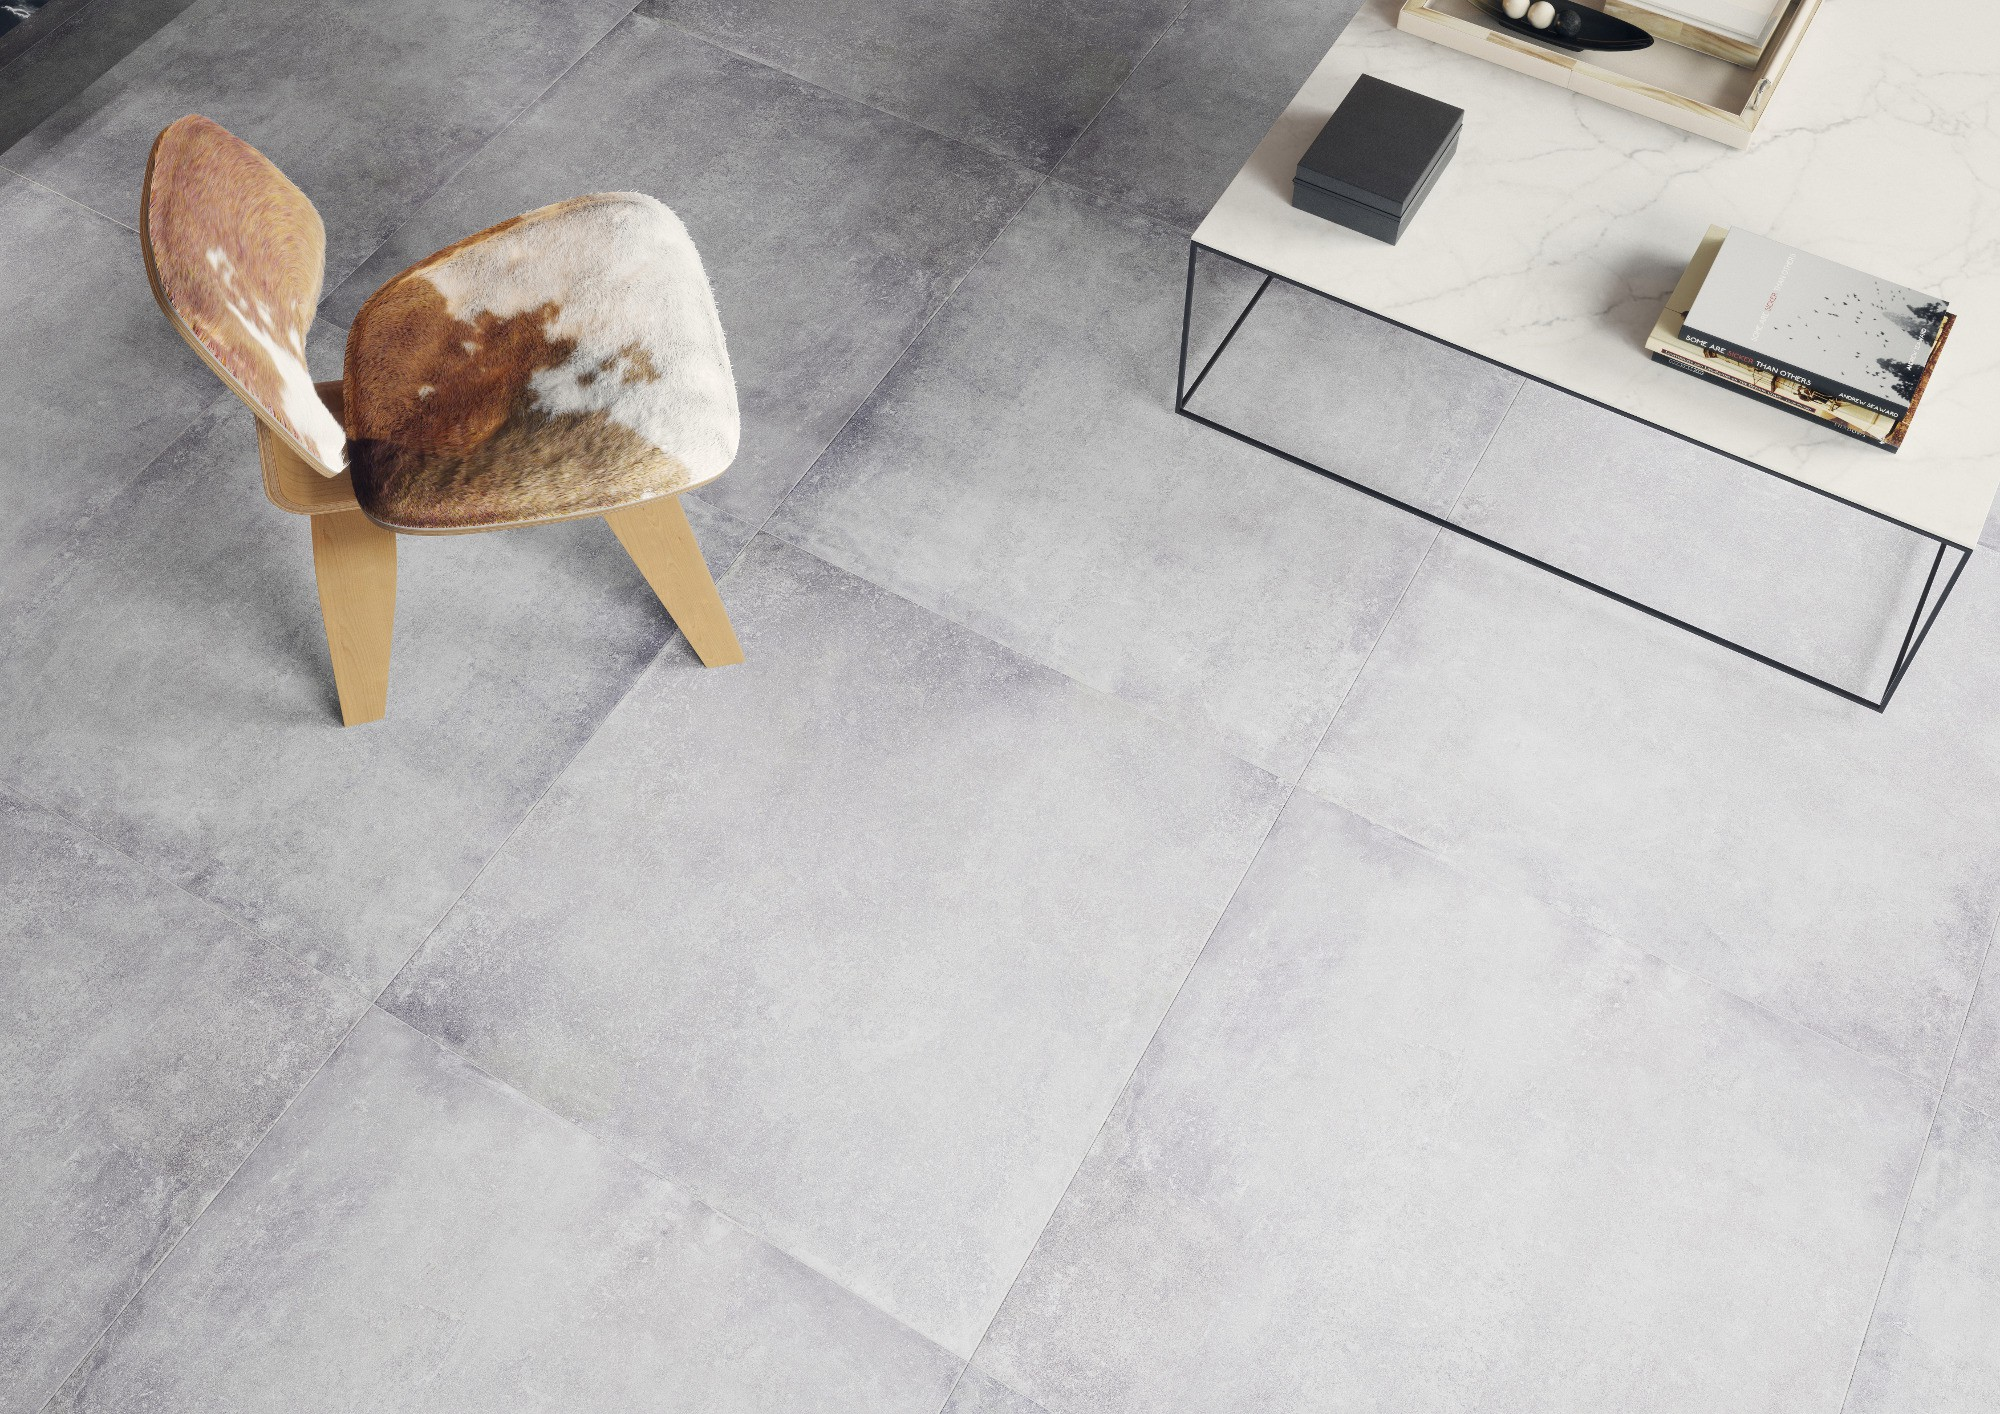 Плитка под бетон в интерьере: фото 1